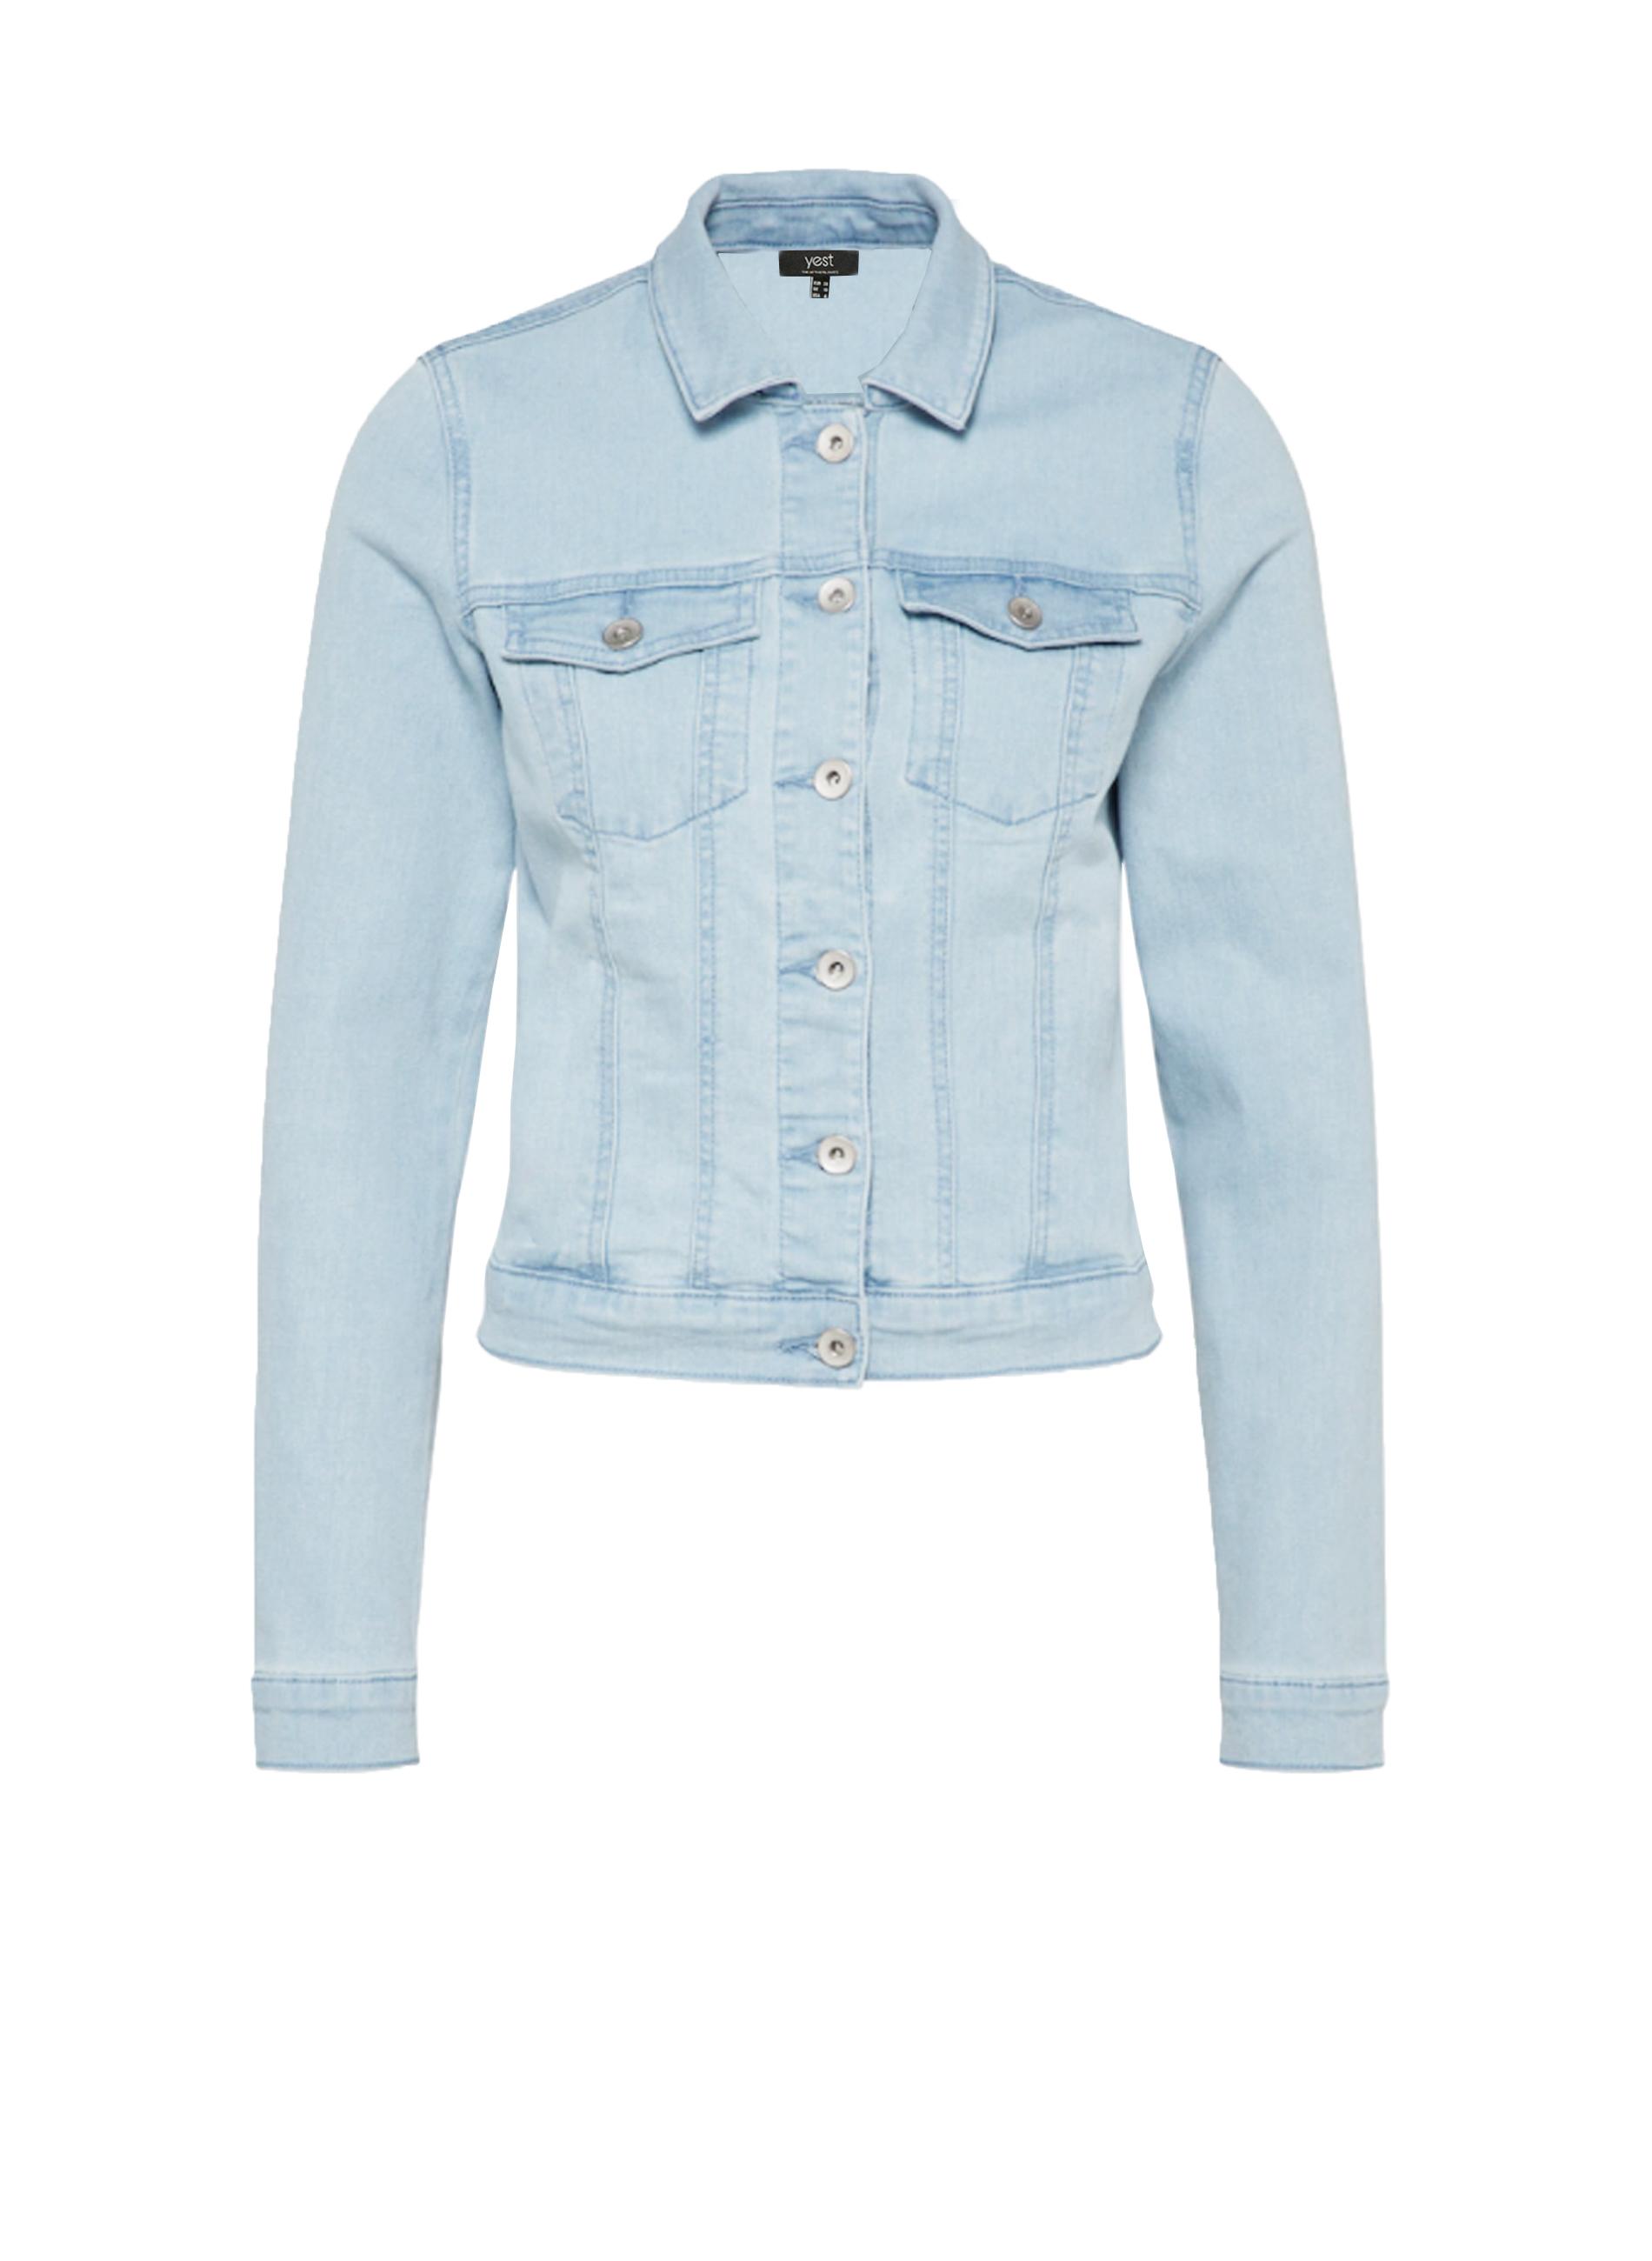 Yesta jacket 68 cm